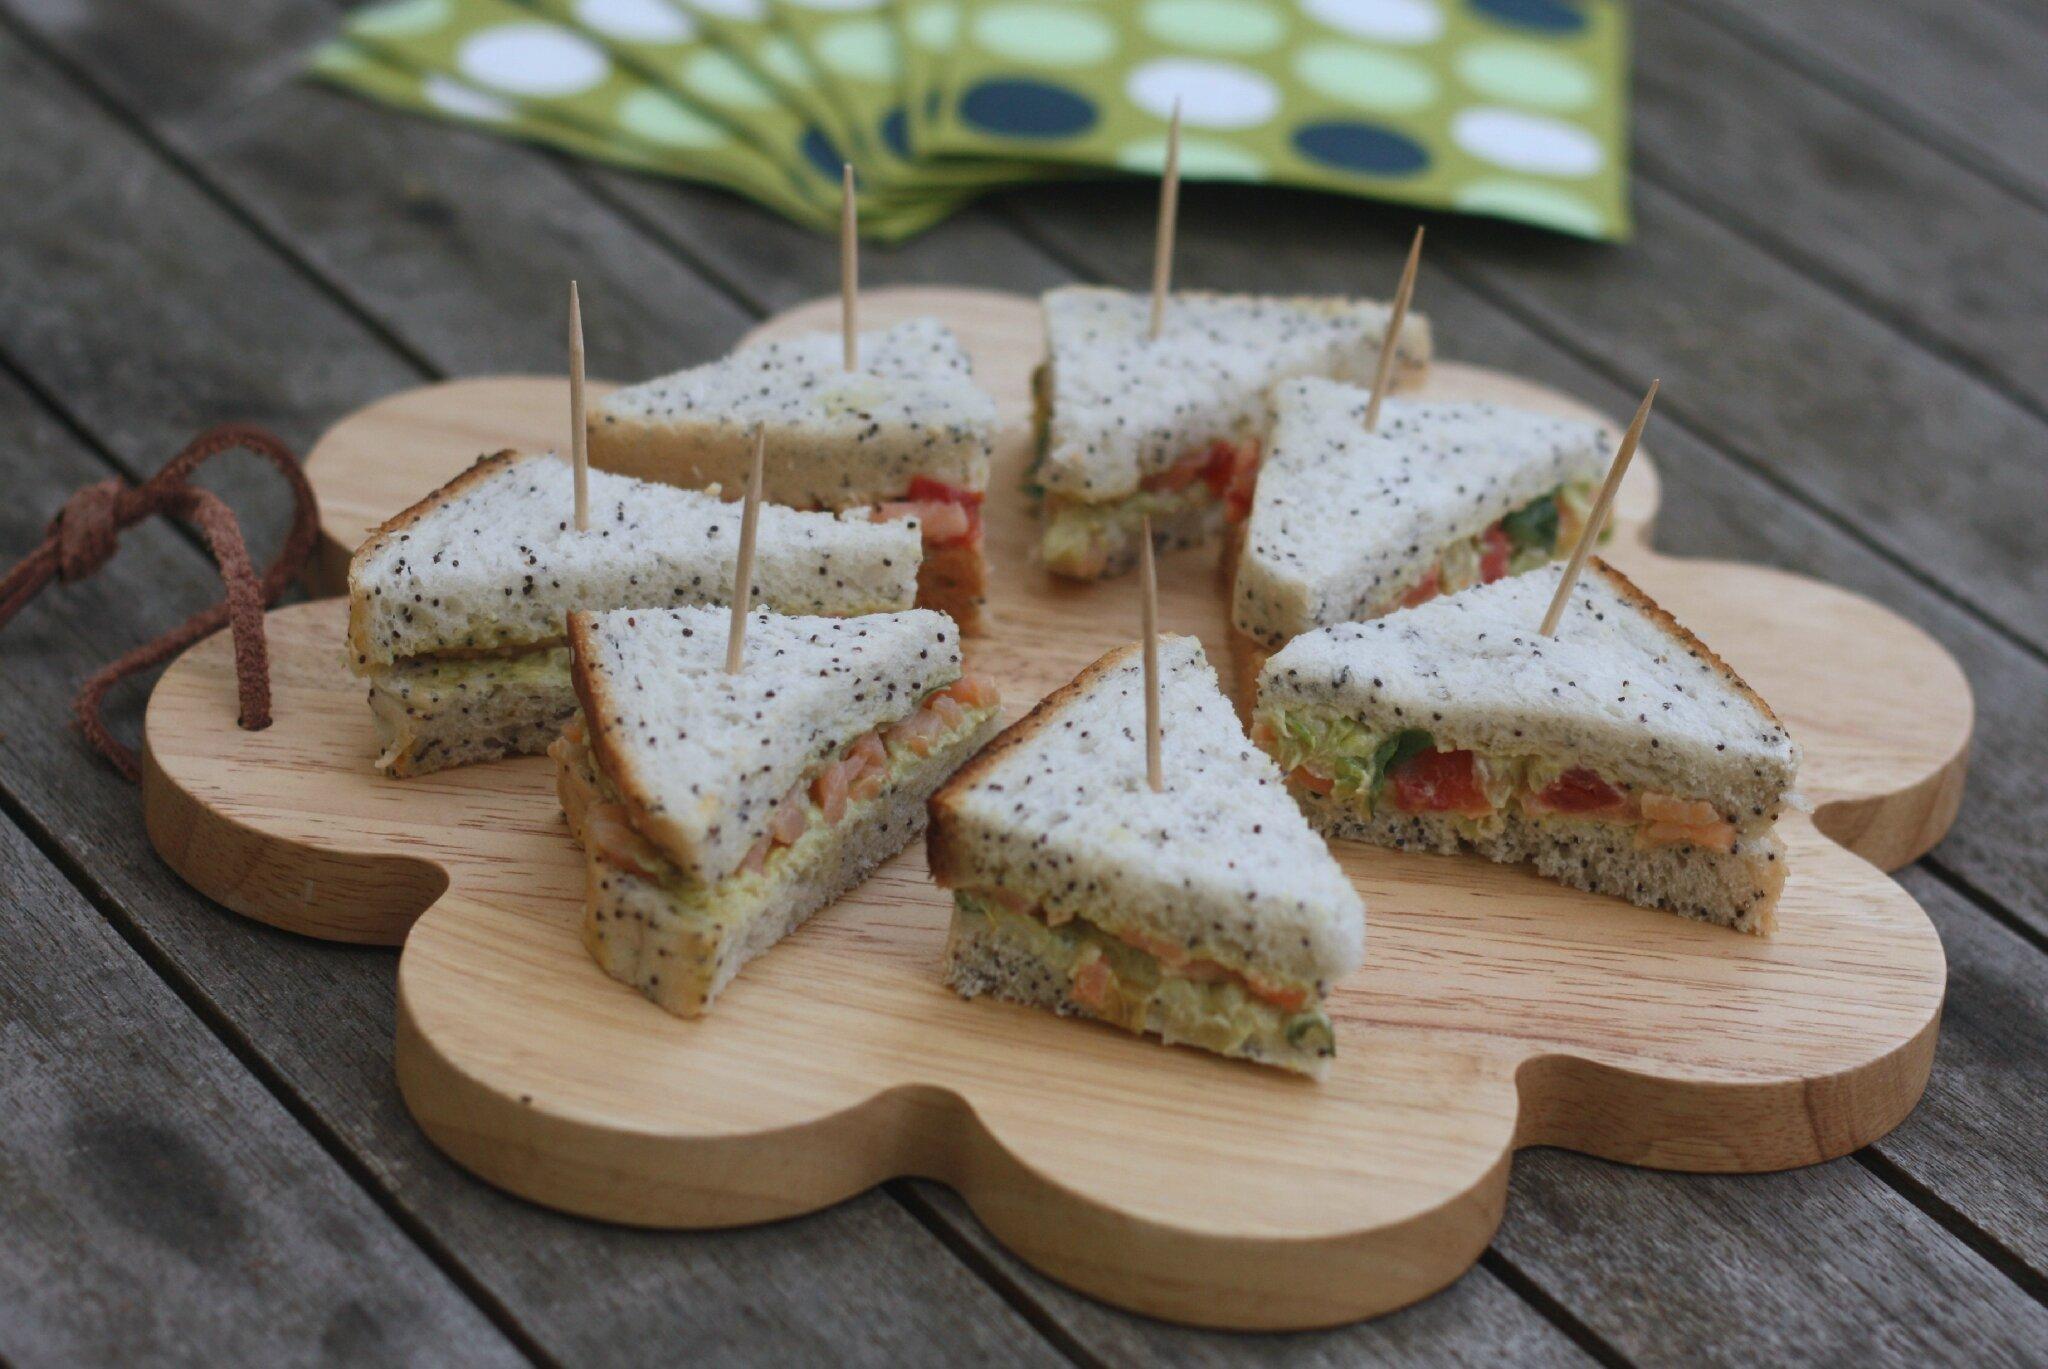 Mini sandwiches comme pour un tea time anglais saumon fum oeufs cresson ou saumon et cr me d - Idee de sandwich froid ...